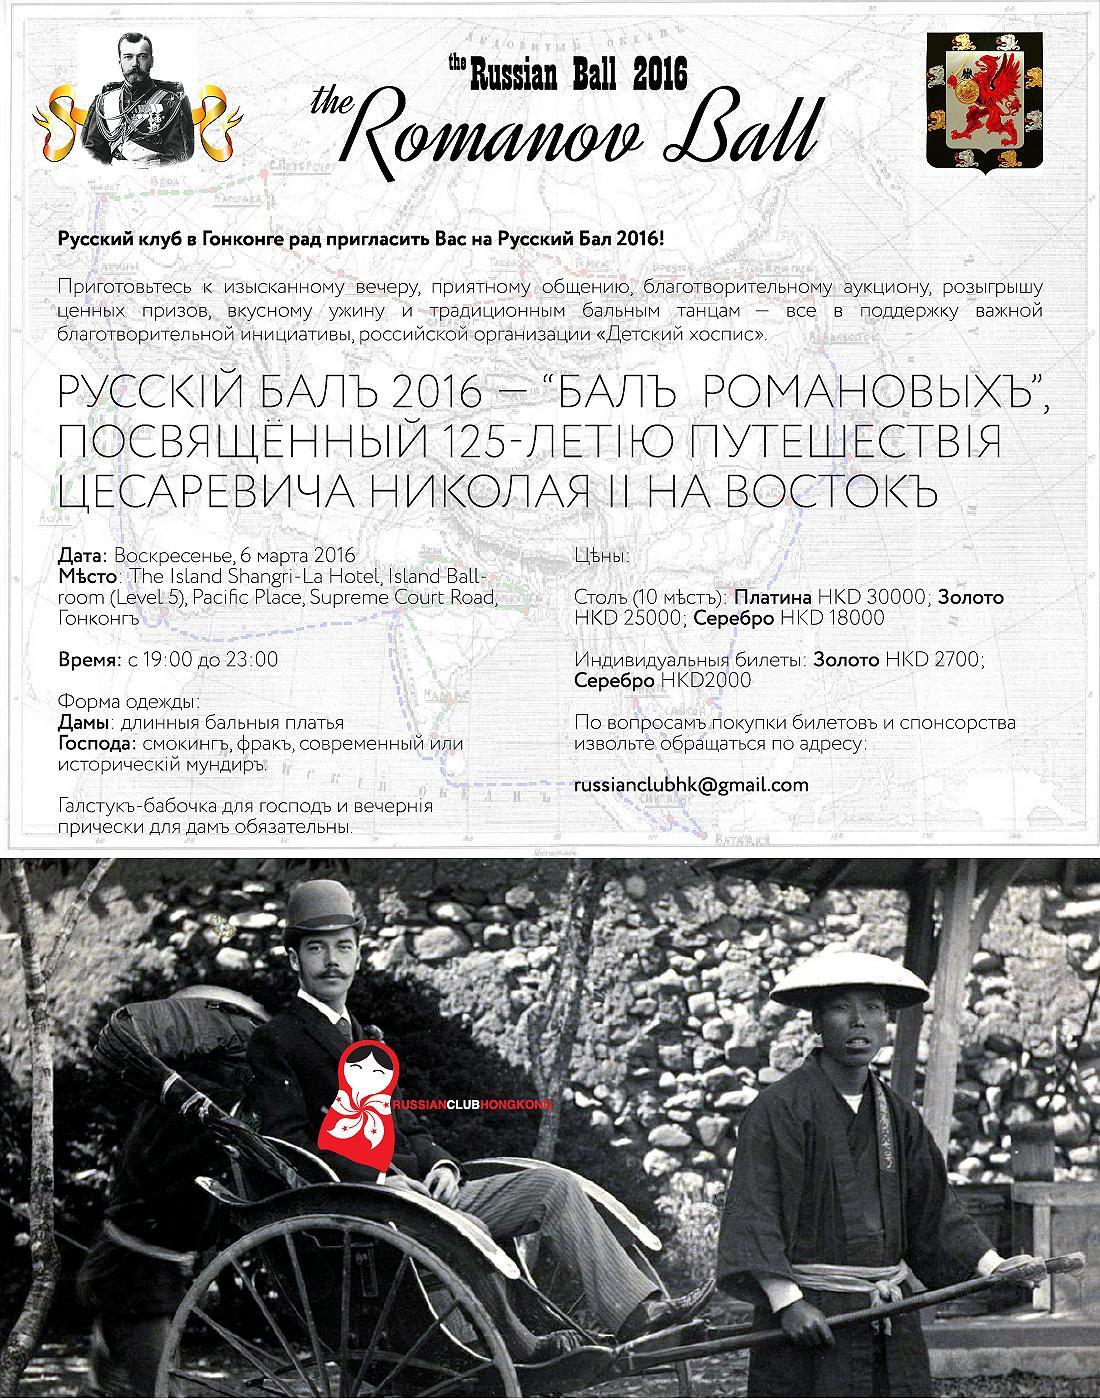 RCHK_RB_Romanov_03_RUS_o